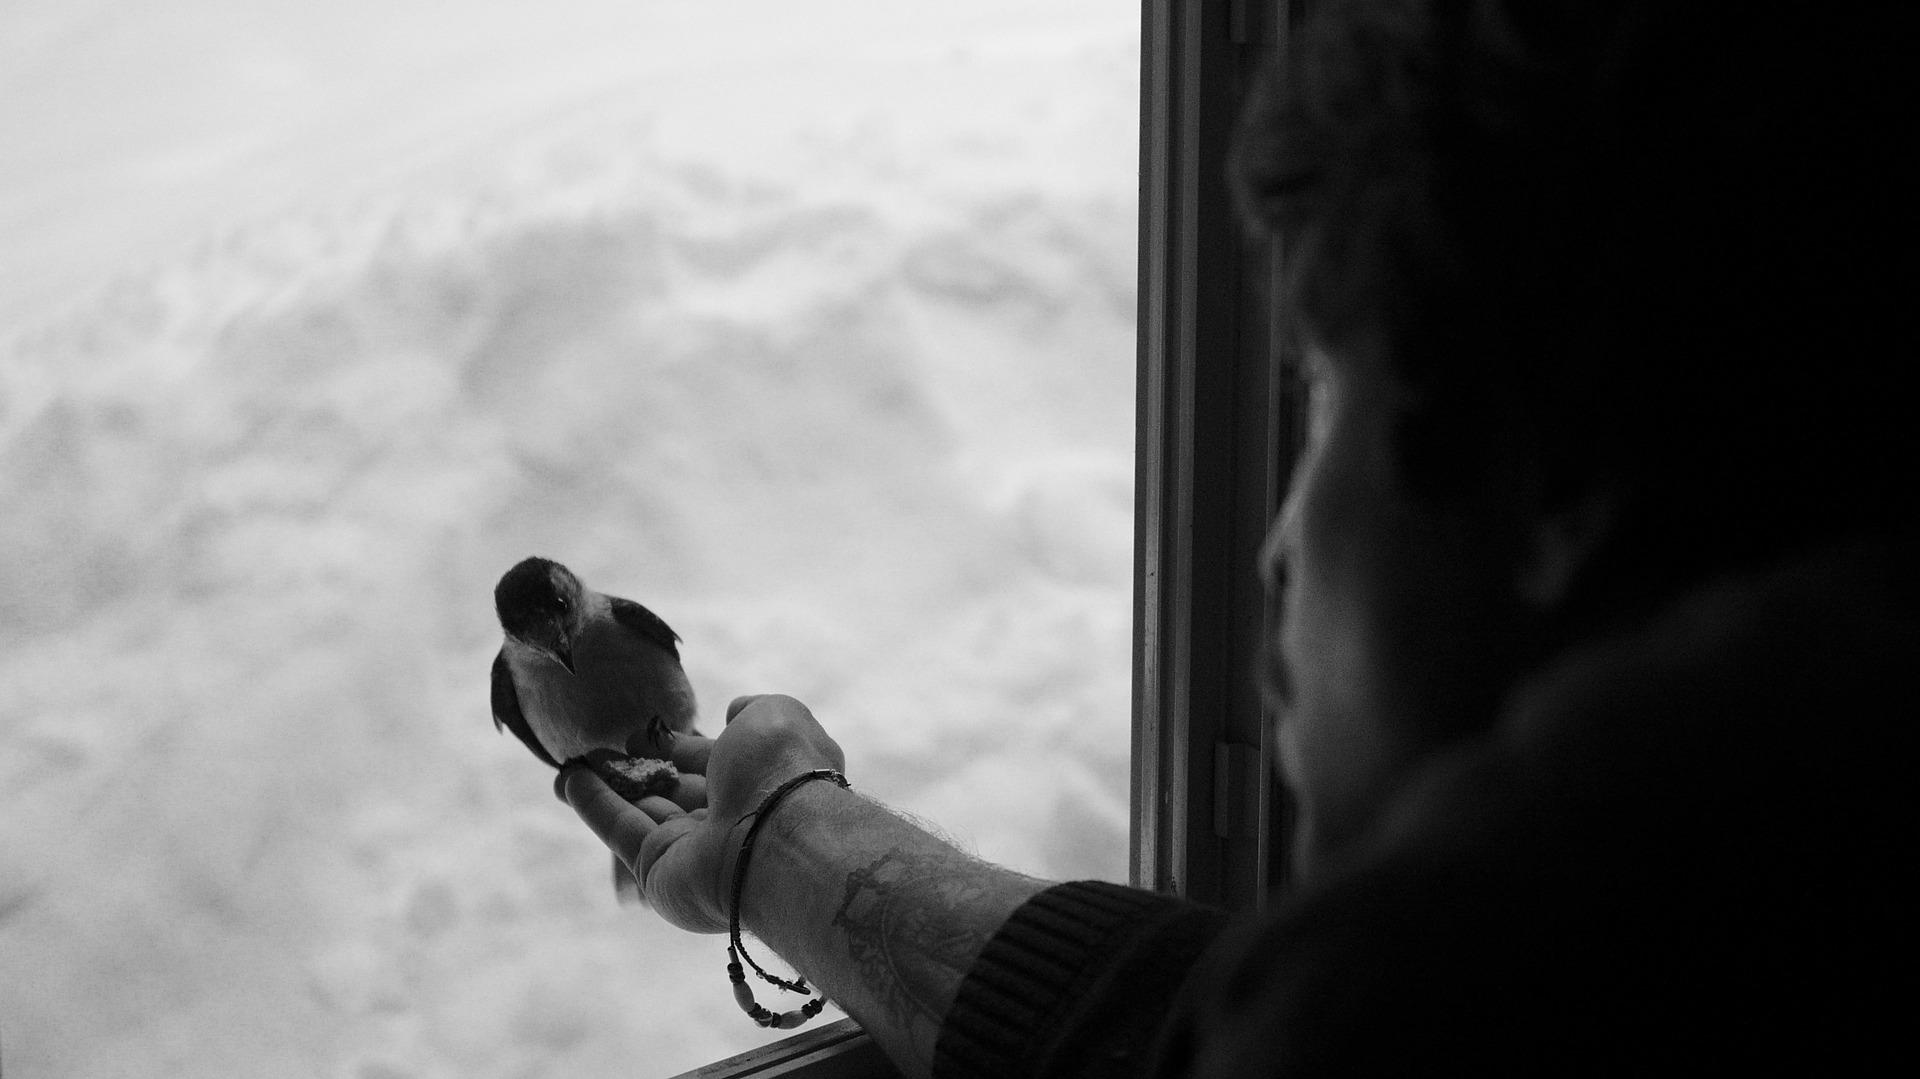 К чему залетела птица в дом по народным приметам